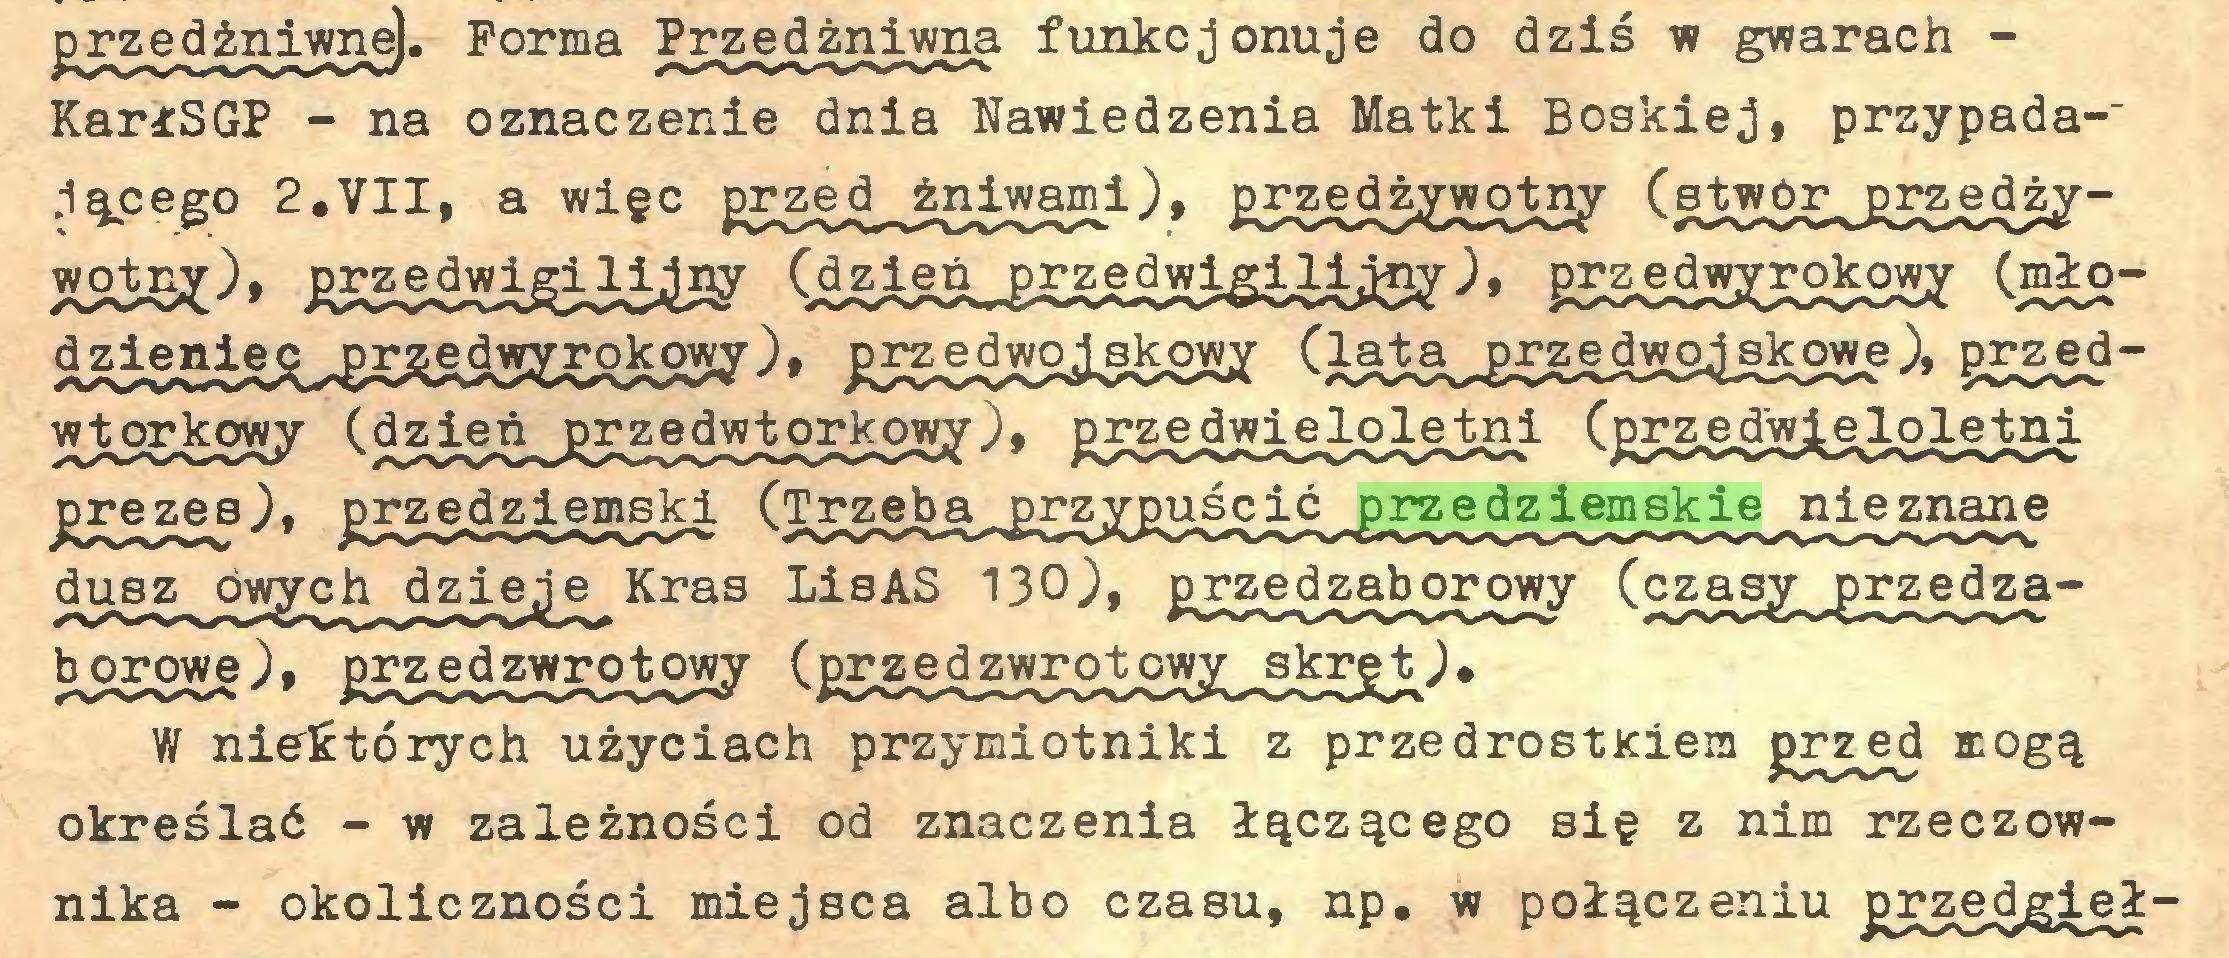 (...) przed żniwne). Forma Pr_zed żniwna funkcjonuje do dziś w gwarach KarłSGP - na oznaczenie dnia Nawiedzenia Matki Boskiej, przypada-' ,1ącego 2,VII, a więc przed^żniwami), £5^edżywotny (stwór^przedżyHSSeO* ^jedwigili,^ (azie^r^edwigm^;, grcedwjra^kowjr (mło¿SigSiSiUESSSSjHKa&SSy^ £i5S2X£j3iS2Hi (igiS^E£5SiXS4g£2Łe^ grzedwtOTdęowy Cdzieó^grzedwtorkow^), gj^edmeloletni (gi^edwieloletni prezes), przedziemski (Trzeba przypuścić przedziemskie nieznane dusz owych dzieje Kras LisAS 130), przedzaborowy (czasy przędzaborowe), przedzwrotowy (przedzwrotowy skręt), W niektórych użyciach przymiotniki z przedrostKiem grzęd mogą określać - w zależności od znaczenia łączącego się z nim rzeczownika - okoliczności miejsca albo czasu, np. w połączeniu przedgieł...